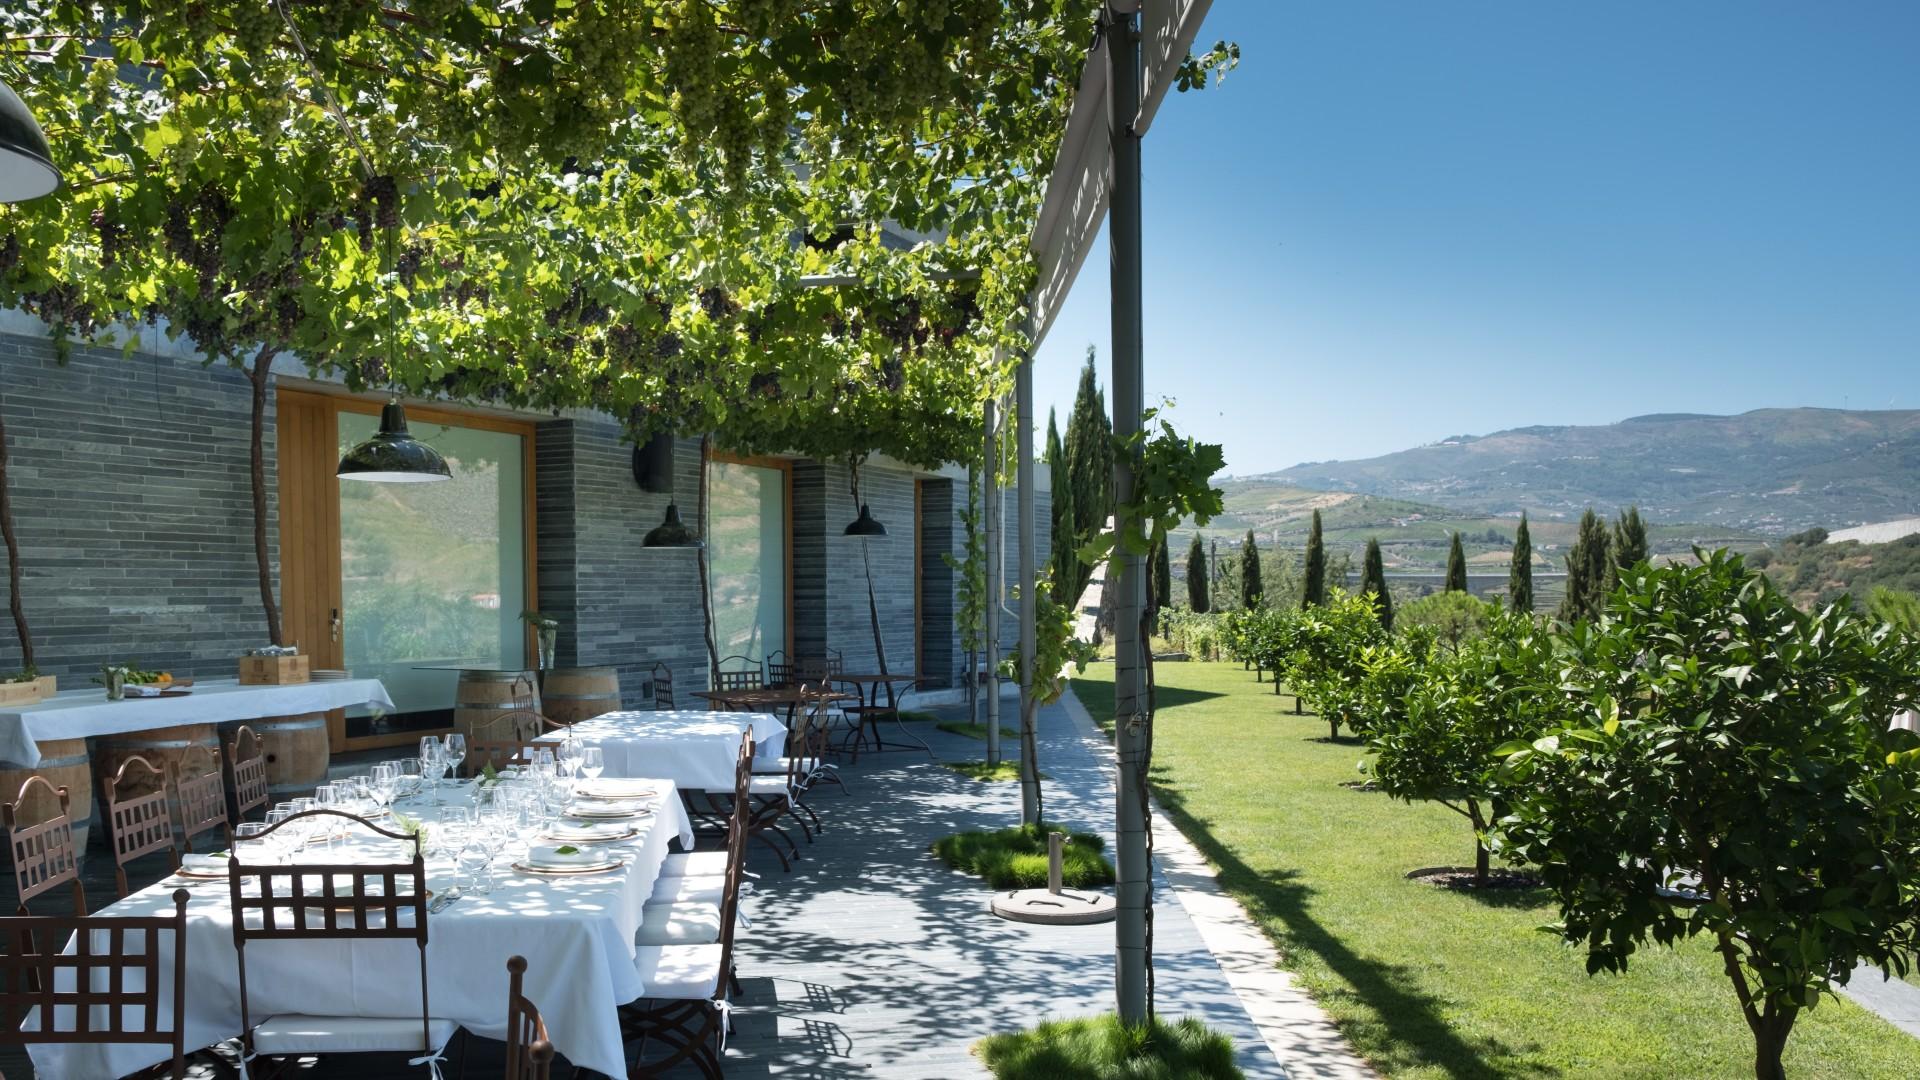 Een terras met uitzicht op een prachtige groene omgeving